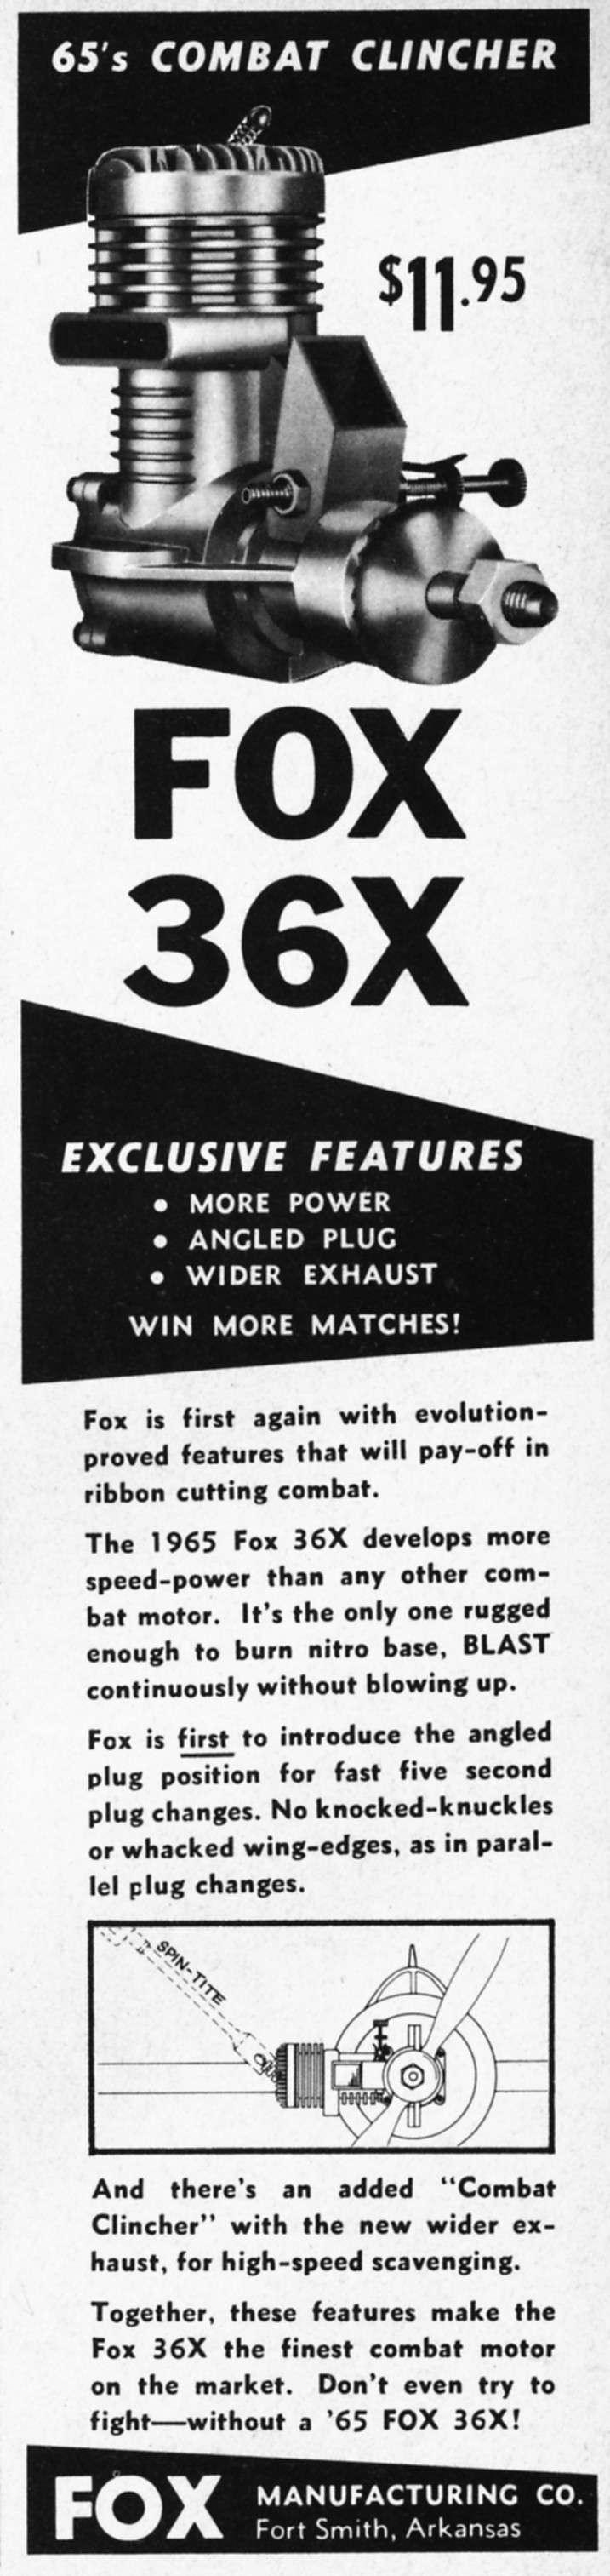 fox glow engine - Page 2 64090410